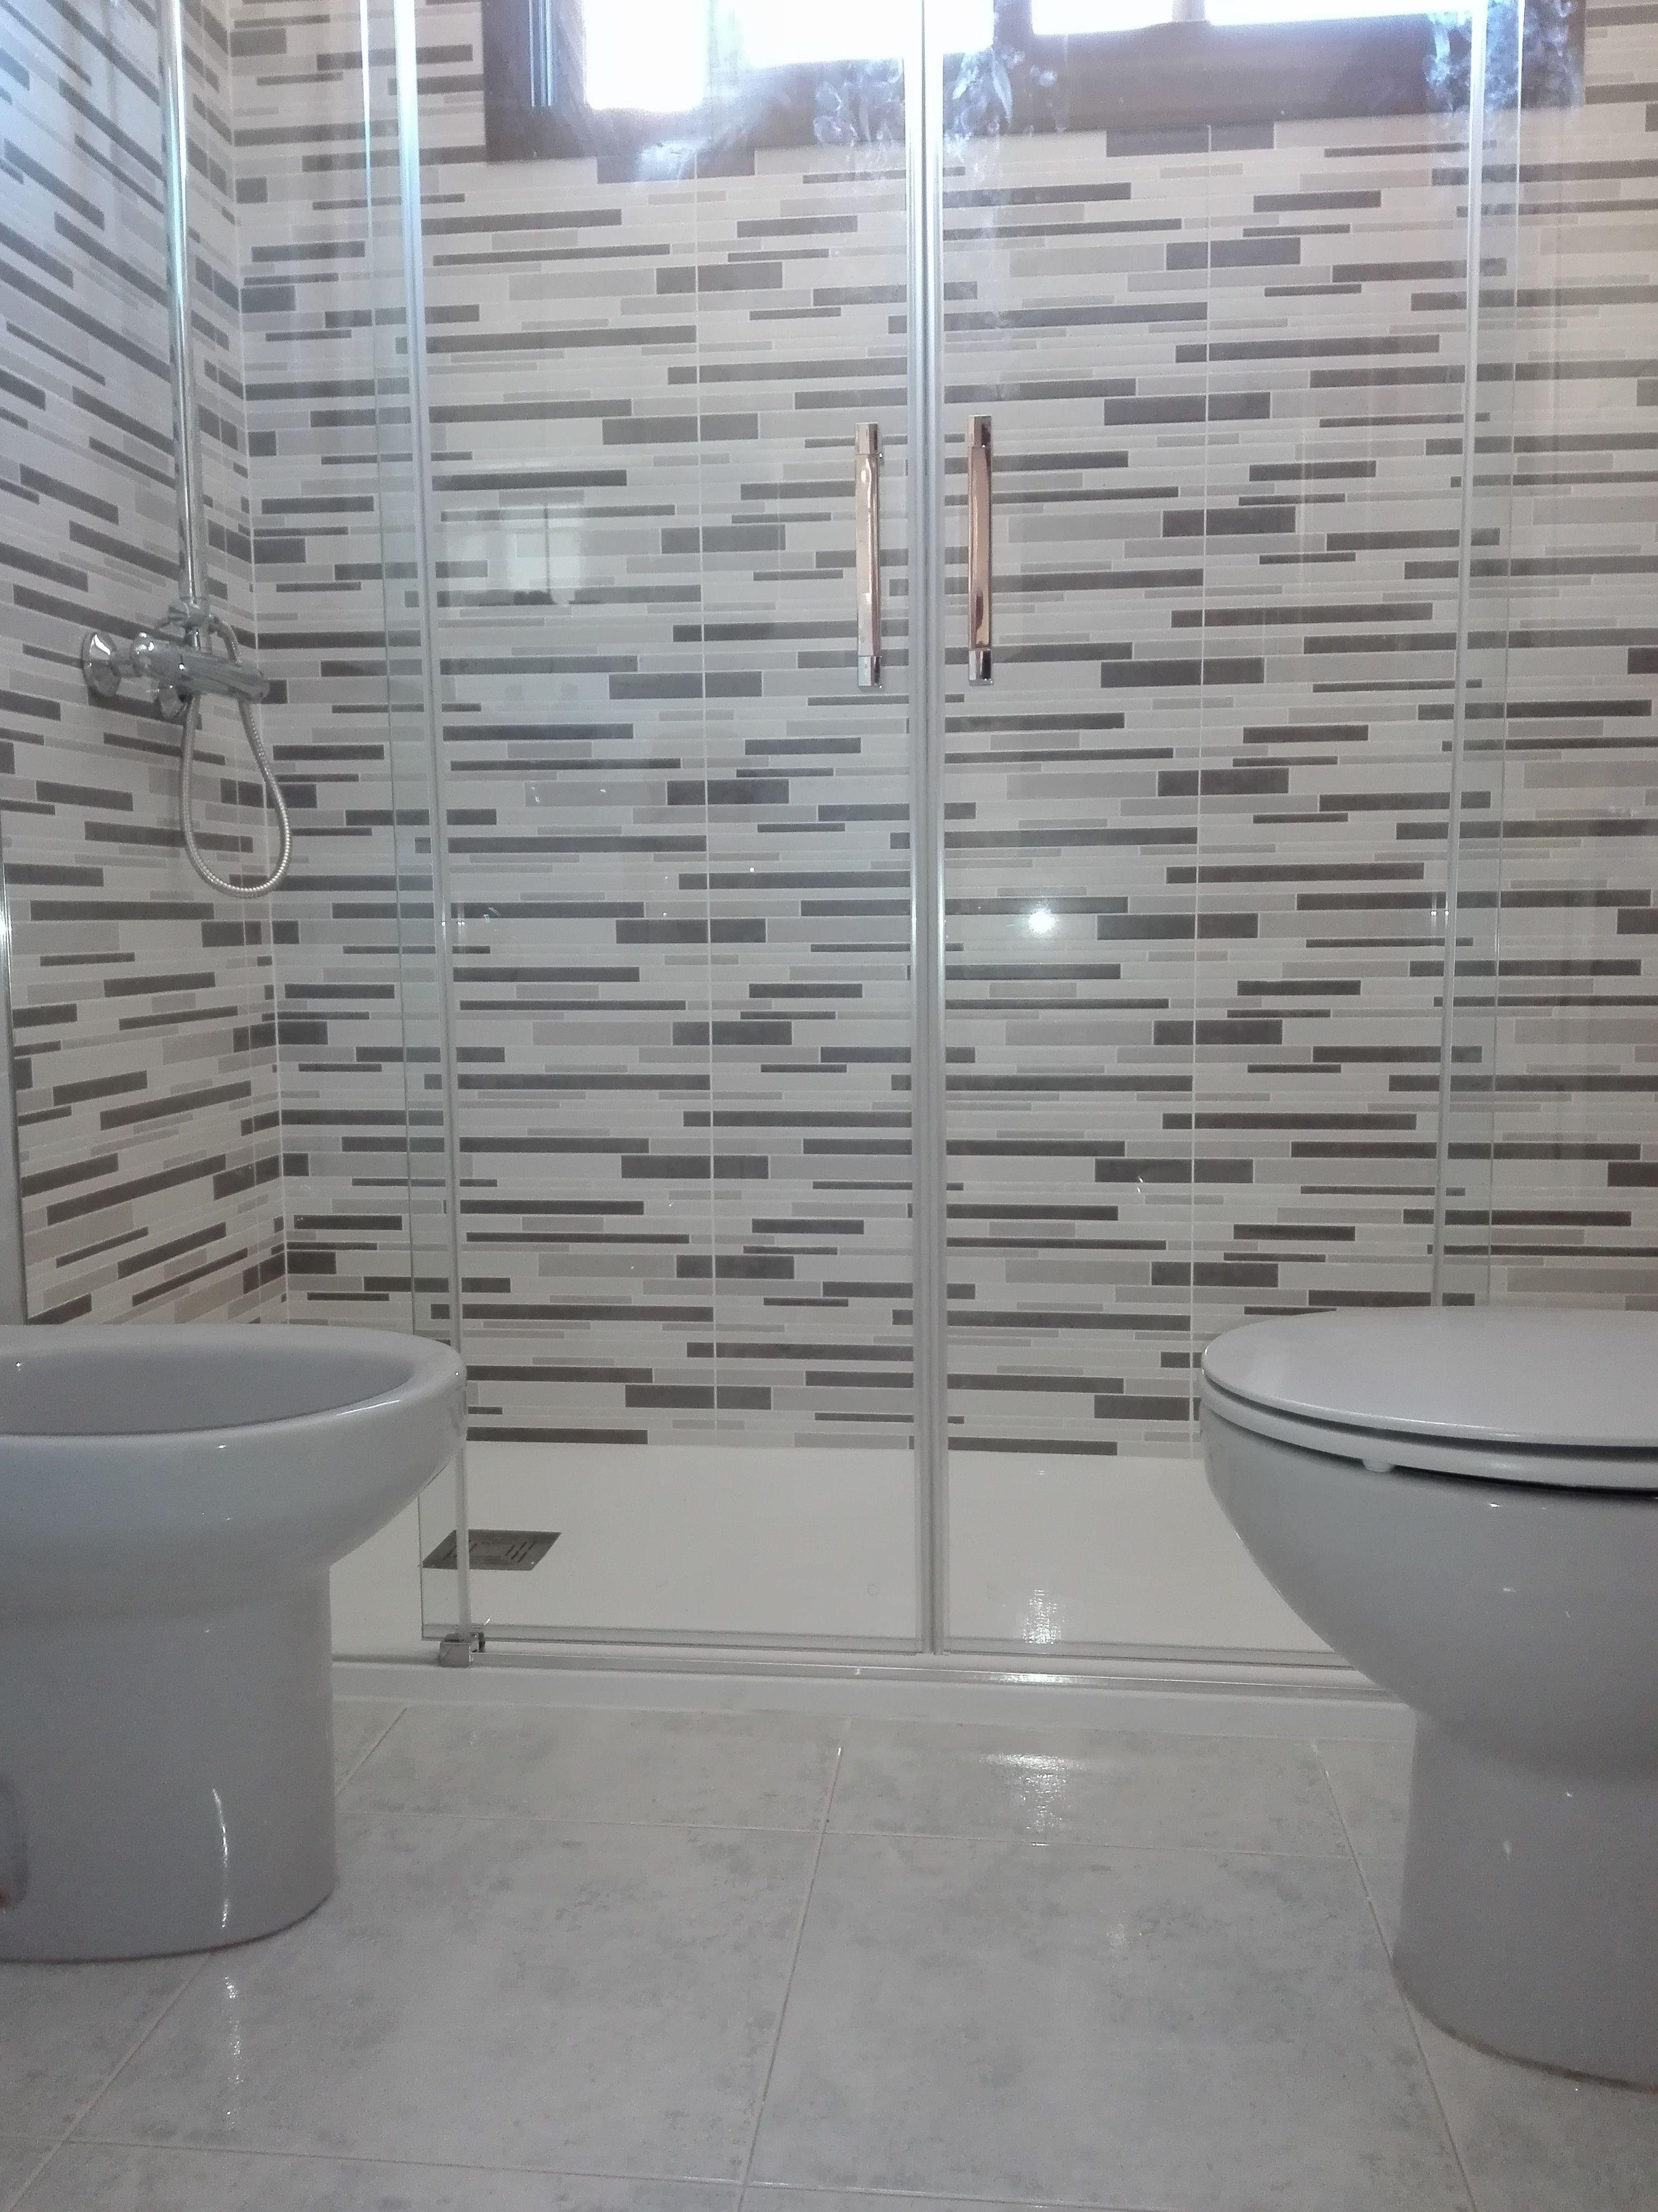 Foto 17 de Reformas de baños y cocinas en Zaragoza | REFORMAS BAÑO MODERNO